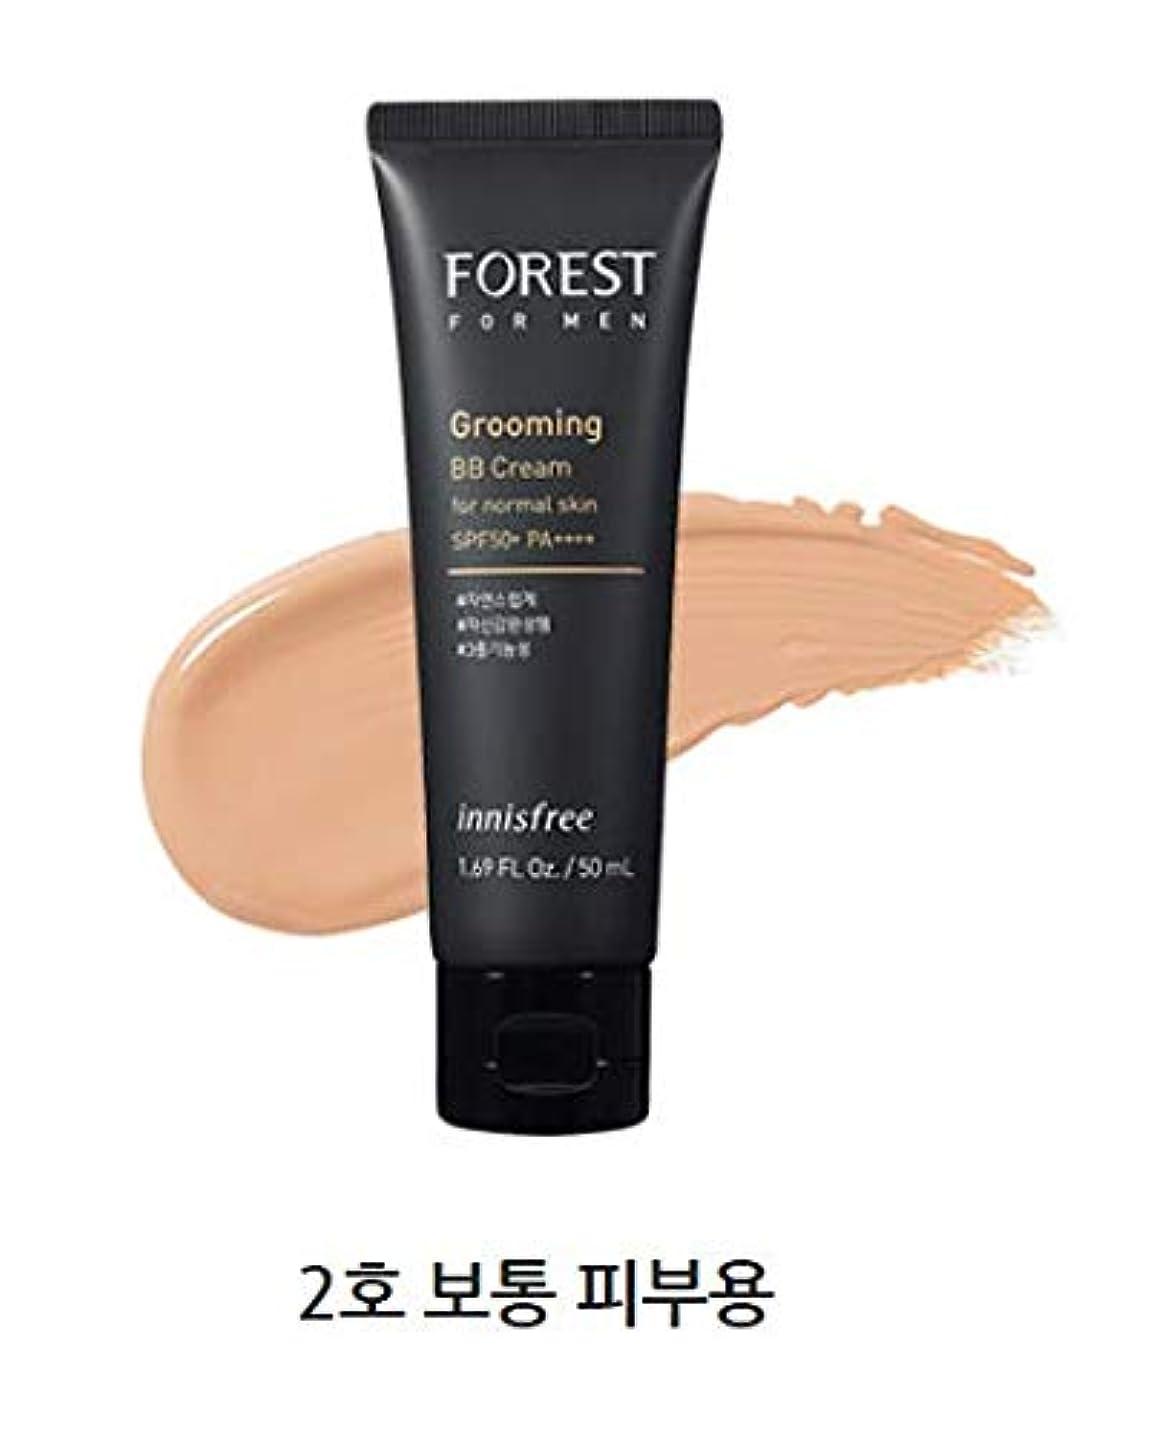 決定プラグ系統的[イニスフリー.innisfree]フォレストフォアマングルーミングBBクリームSPF50+ PA++++50mL/ FOREST FOR MEN GROOMING BB CREAM SPF50+ PA++++ (#2...